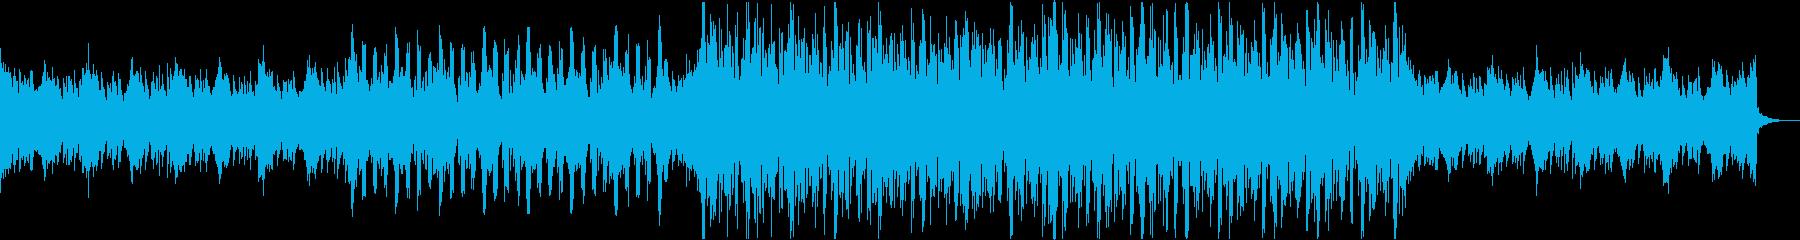 きらきらピアノ企業VPコーポレートcの再生済みの波形